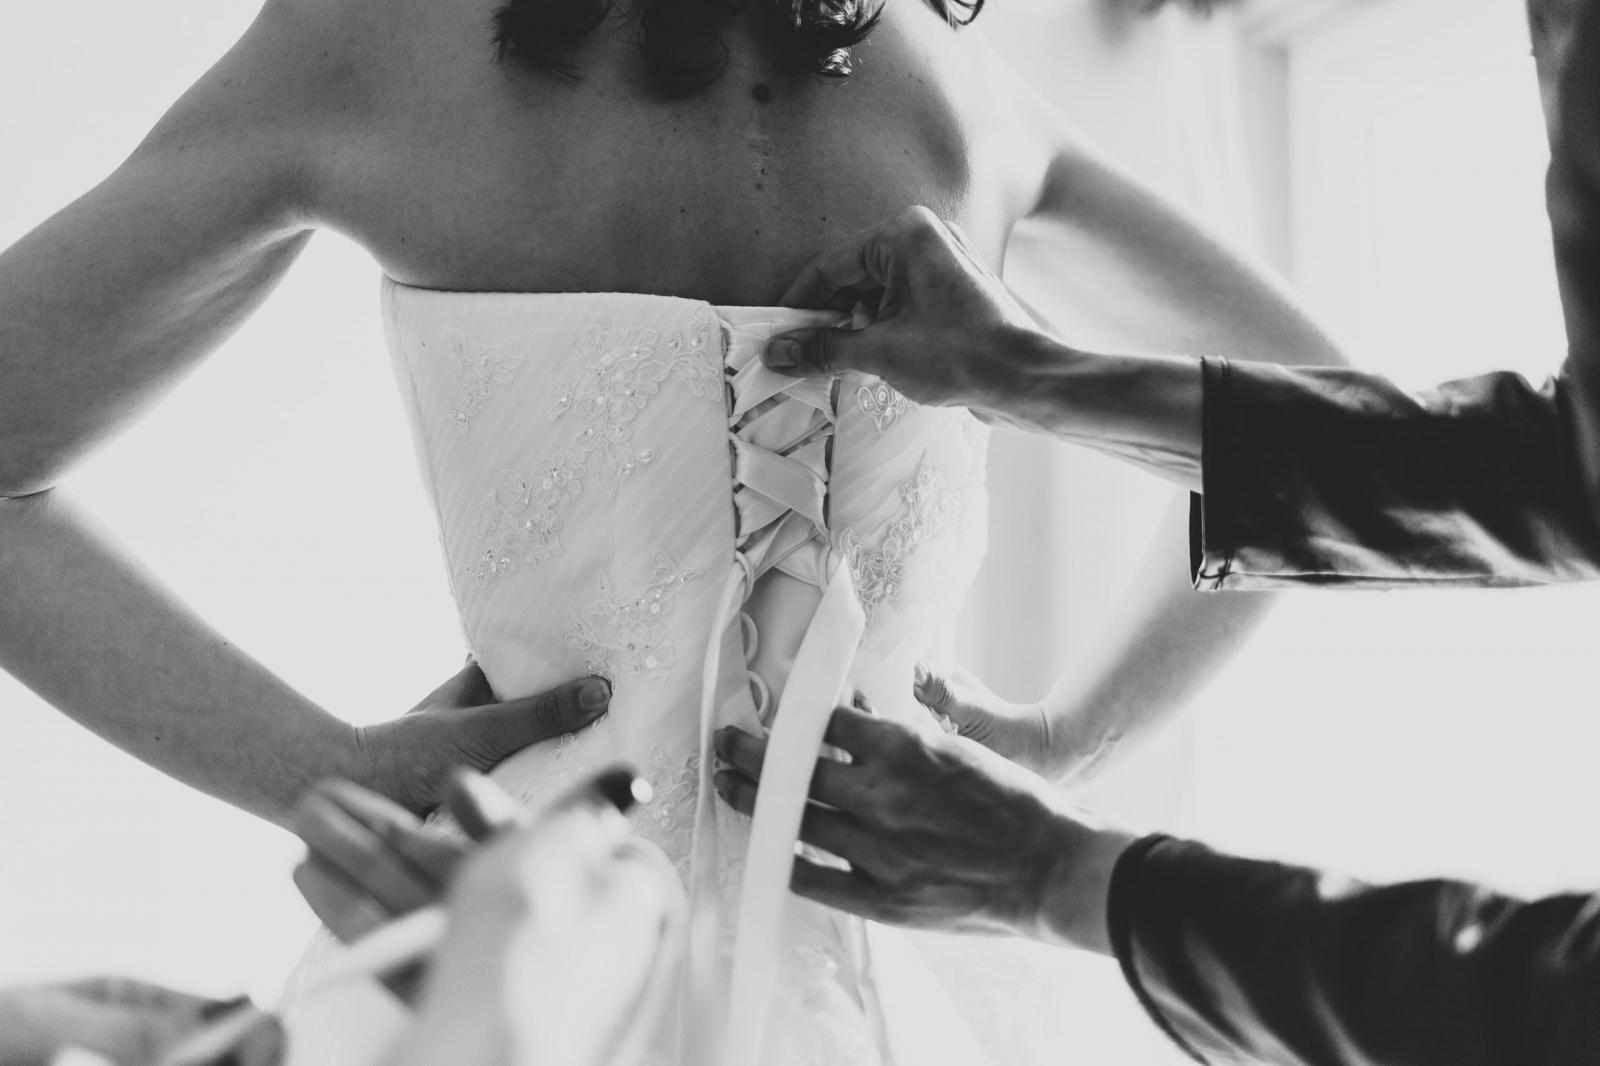 preparatifs-mariage-photographe-lyon